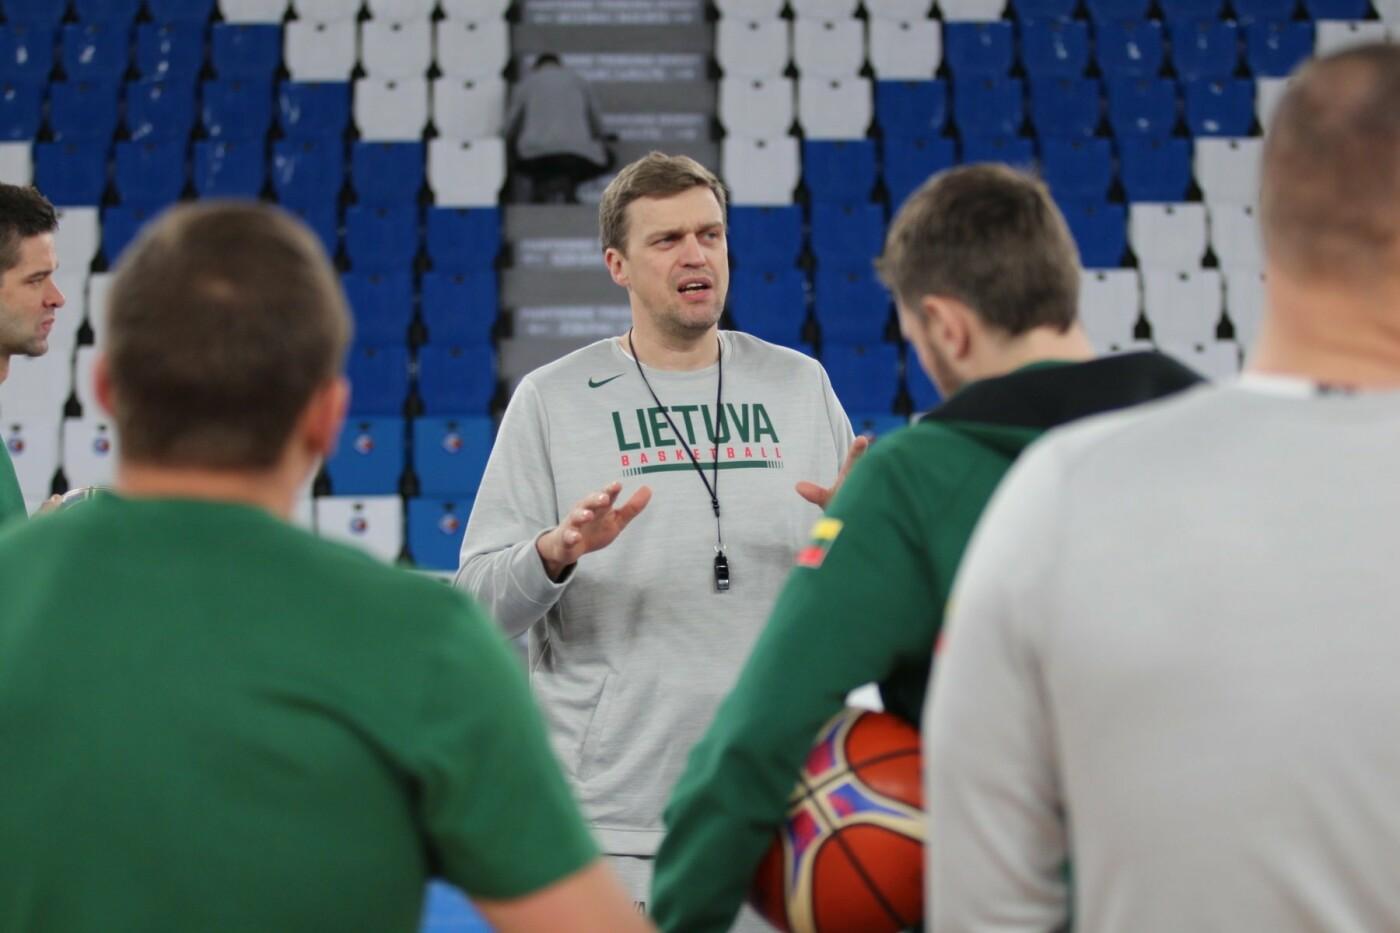 Lietuvos vyrų krepšinio rinktinė surengė vienintelę treniruotę Italijoje, nuotrauka-2